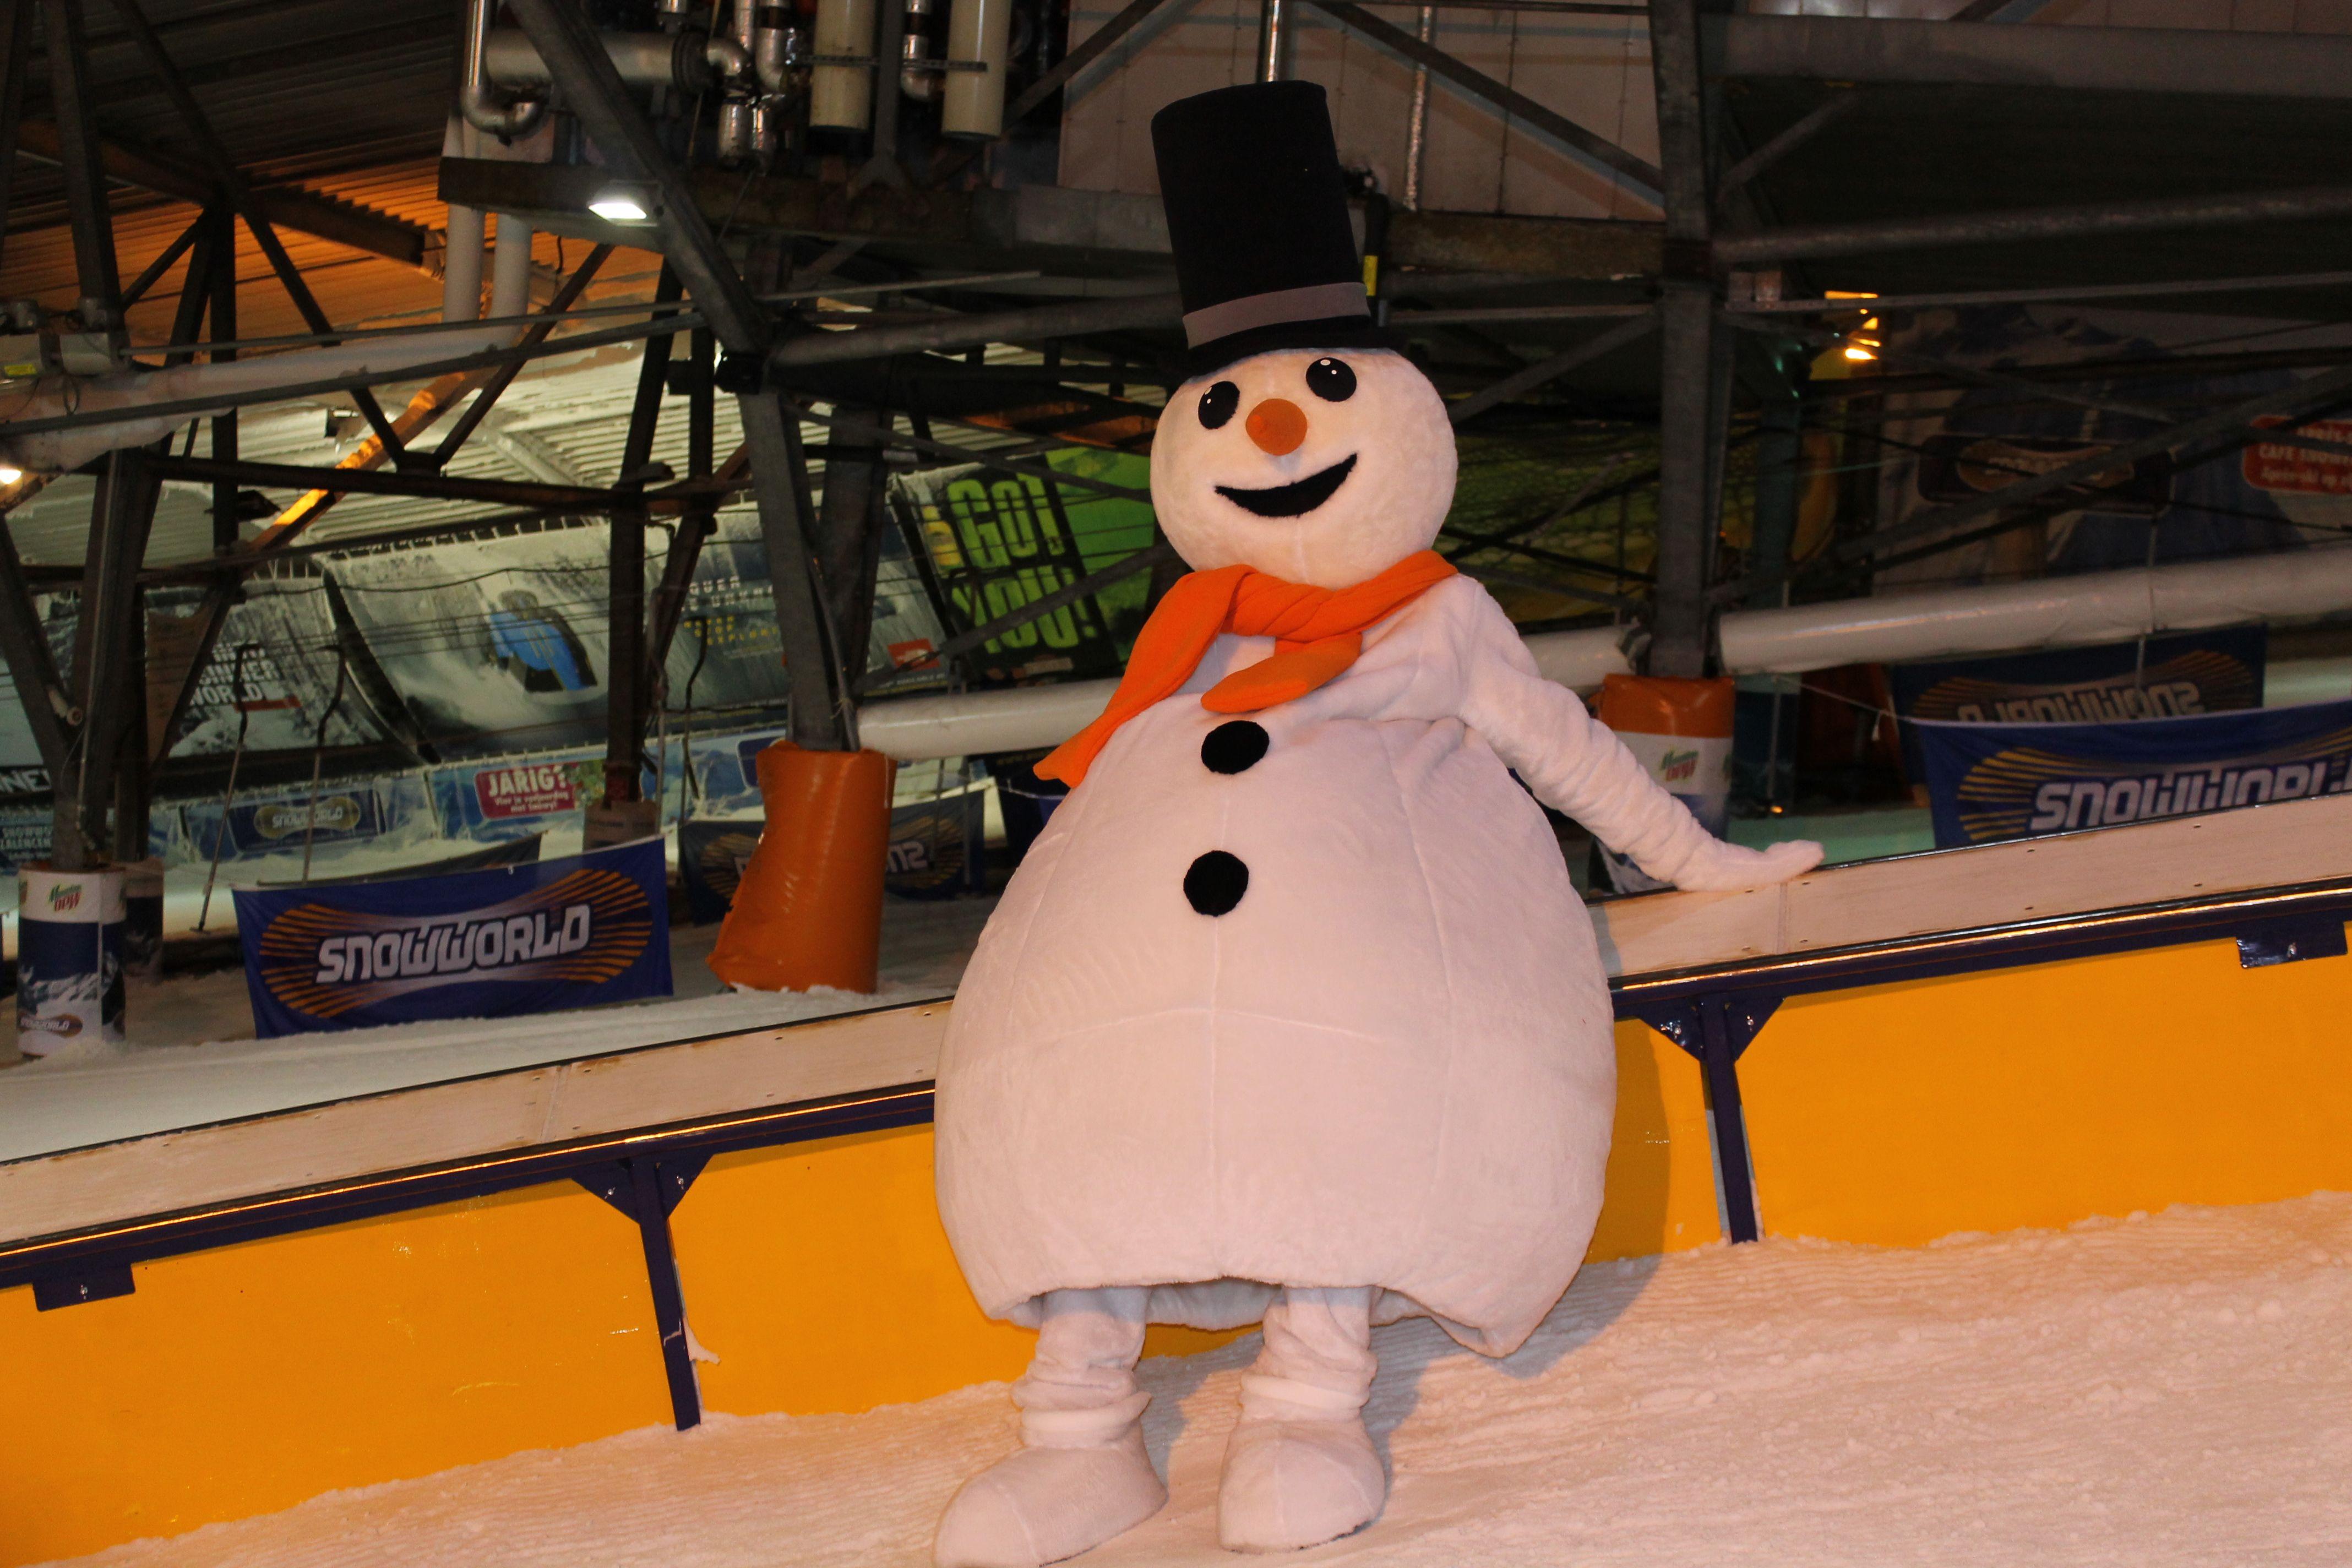 Welkom allemaal in mijn Snowparadijs! Het is tijd om te gaan stunten! Hier sta ik op de foto in het funpark. #freestyle